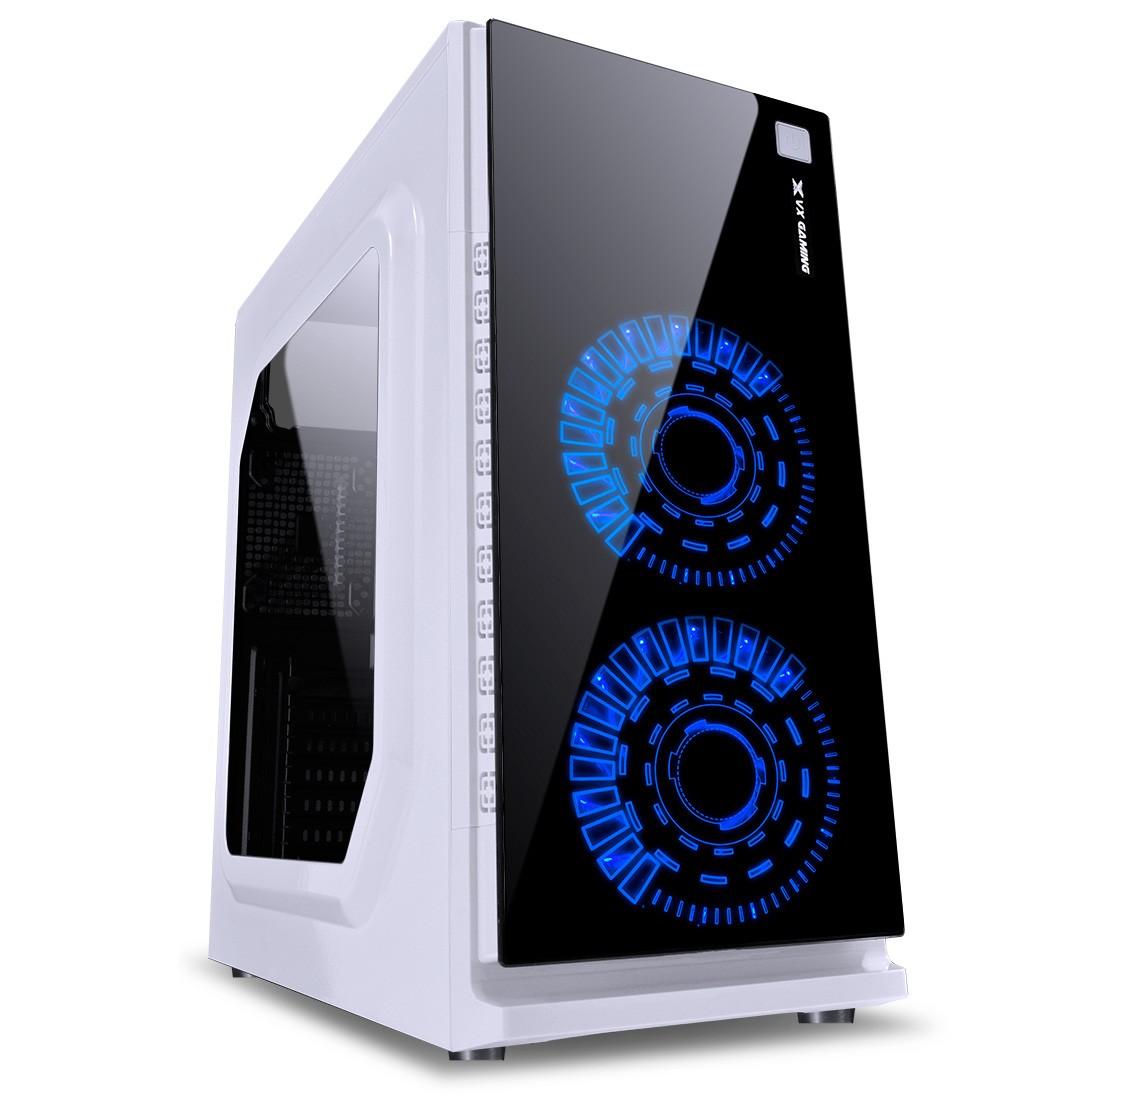 Gabinete Gamer VX Gaming Crater com Janela Acrilica Branco com 2 X FAN Frontal 120MM 15 Pontos de LED AZUL